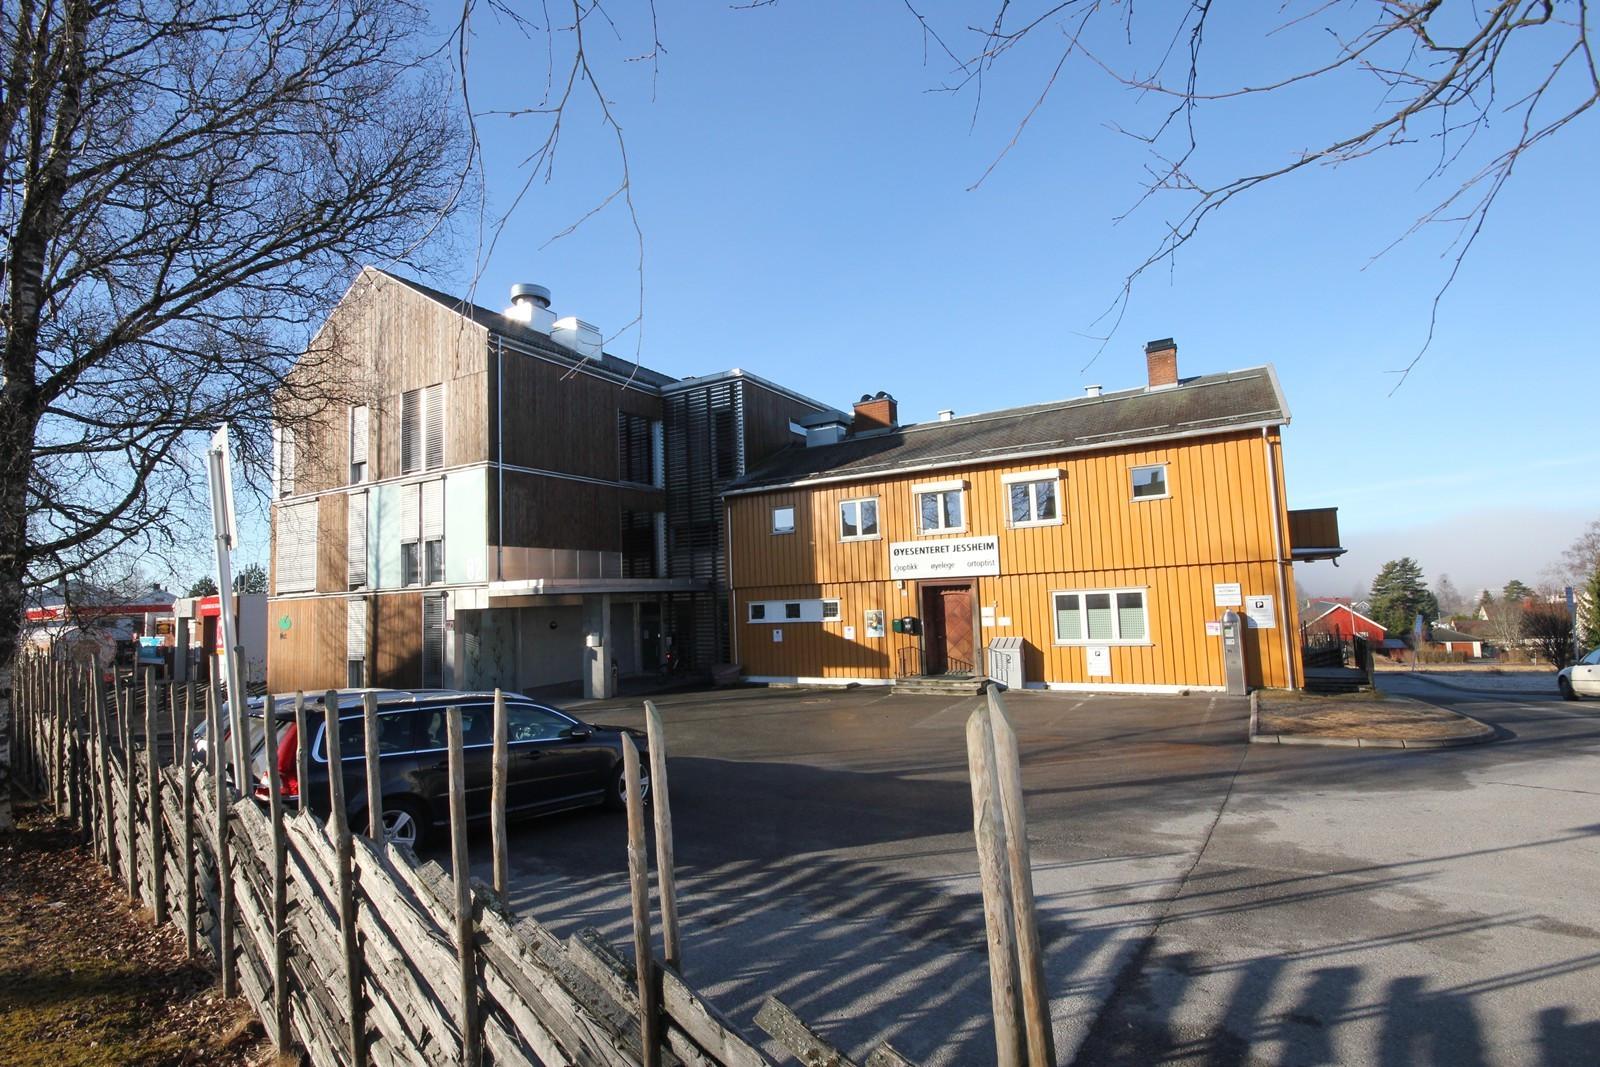 Meget sentralt beliggende kontor/forretningsbygg i Jessheim sentrum med gode parkeringsmuligheter